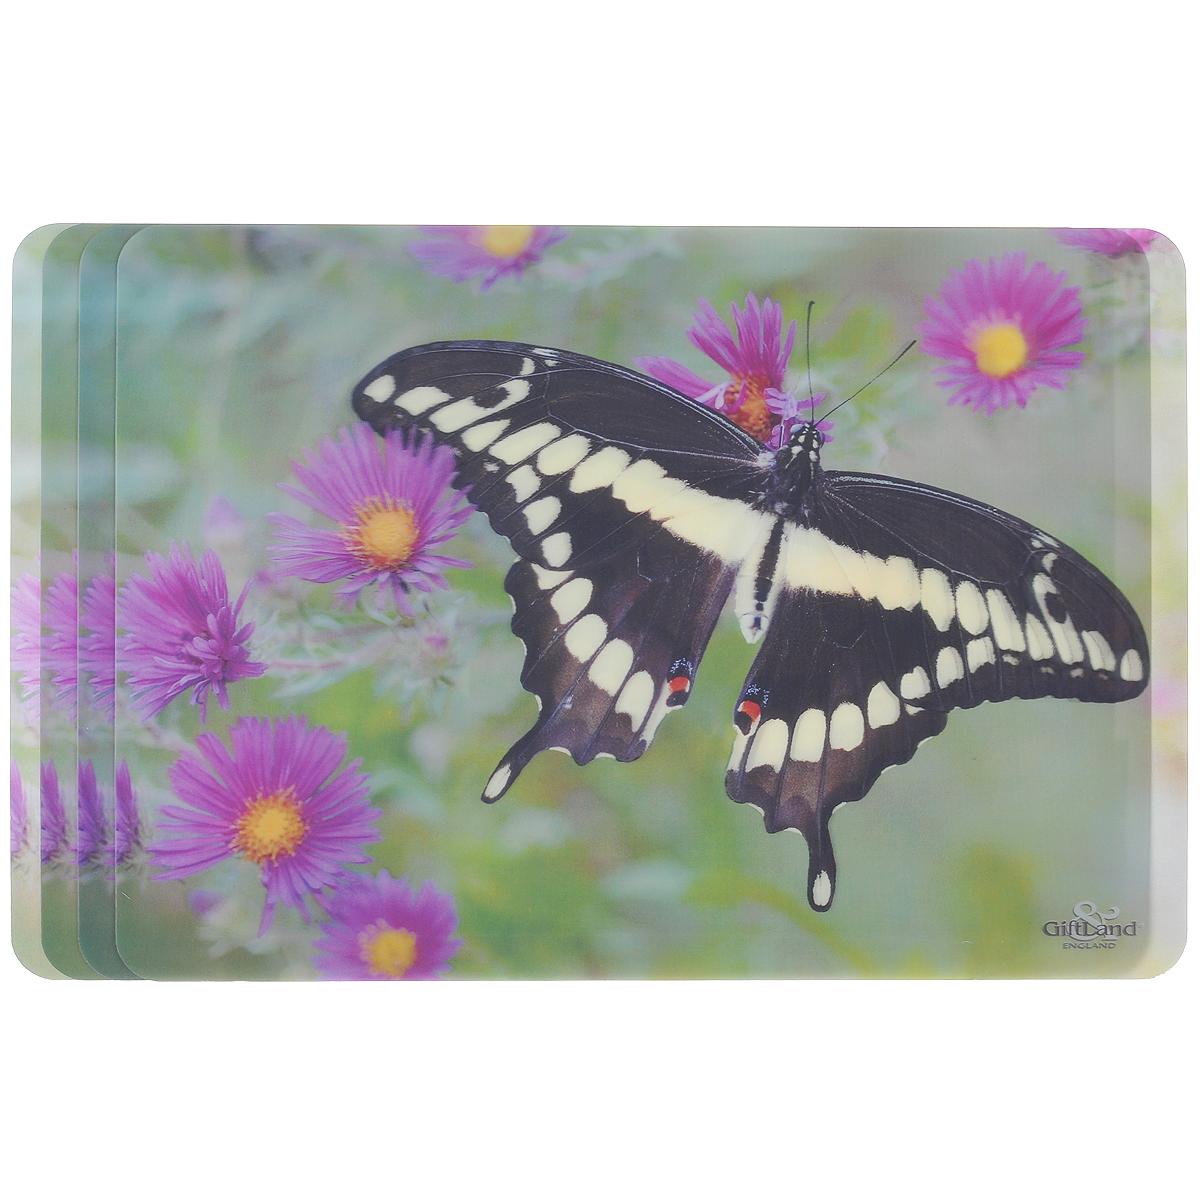 Набор сервировочных салфеток 3D GiftLand Черная бабочка, 34,5 см х 24,5 см, 4 шт11055Набор GiftLand Черная бабочка, изготовленный из полипропилена, состоит из четырех сервировочных салфеток с эффектом 3D. Такие салфетки - это отличная идея для сервировки! Салфетки декорированы ярким объемным изображением бабочки и цветов. Изделия защищают поверхность стола от воздействия температур, влаги и загрязнений, а также украшают интерьер. Могут использоваться для детского творчества (рисования, лепки из пластилина) в качестве защитного покрытия, подставки под вазы, кухонные приборы.Размер салфетки: 34,5 см х 24,5 см.